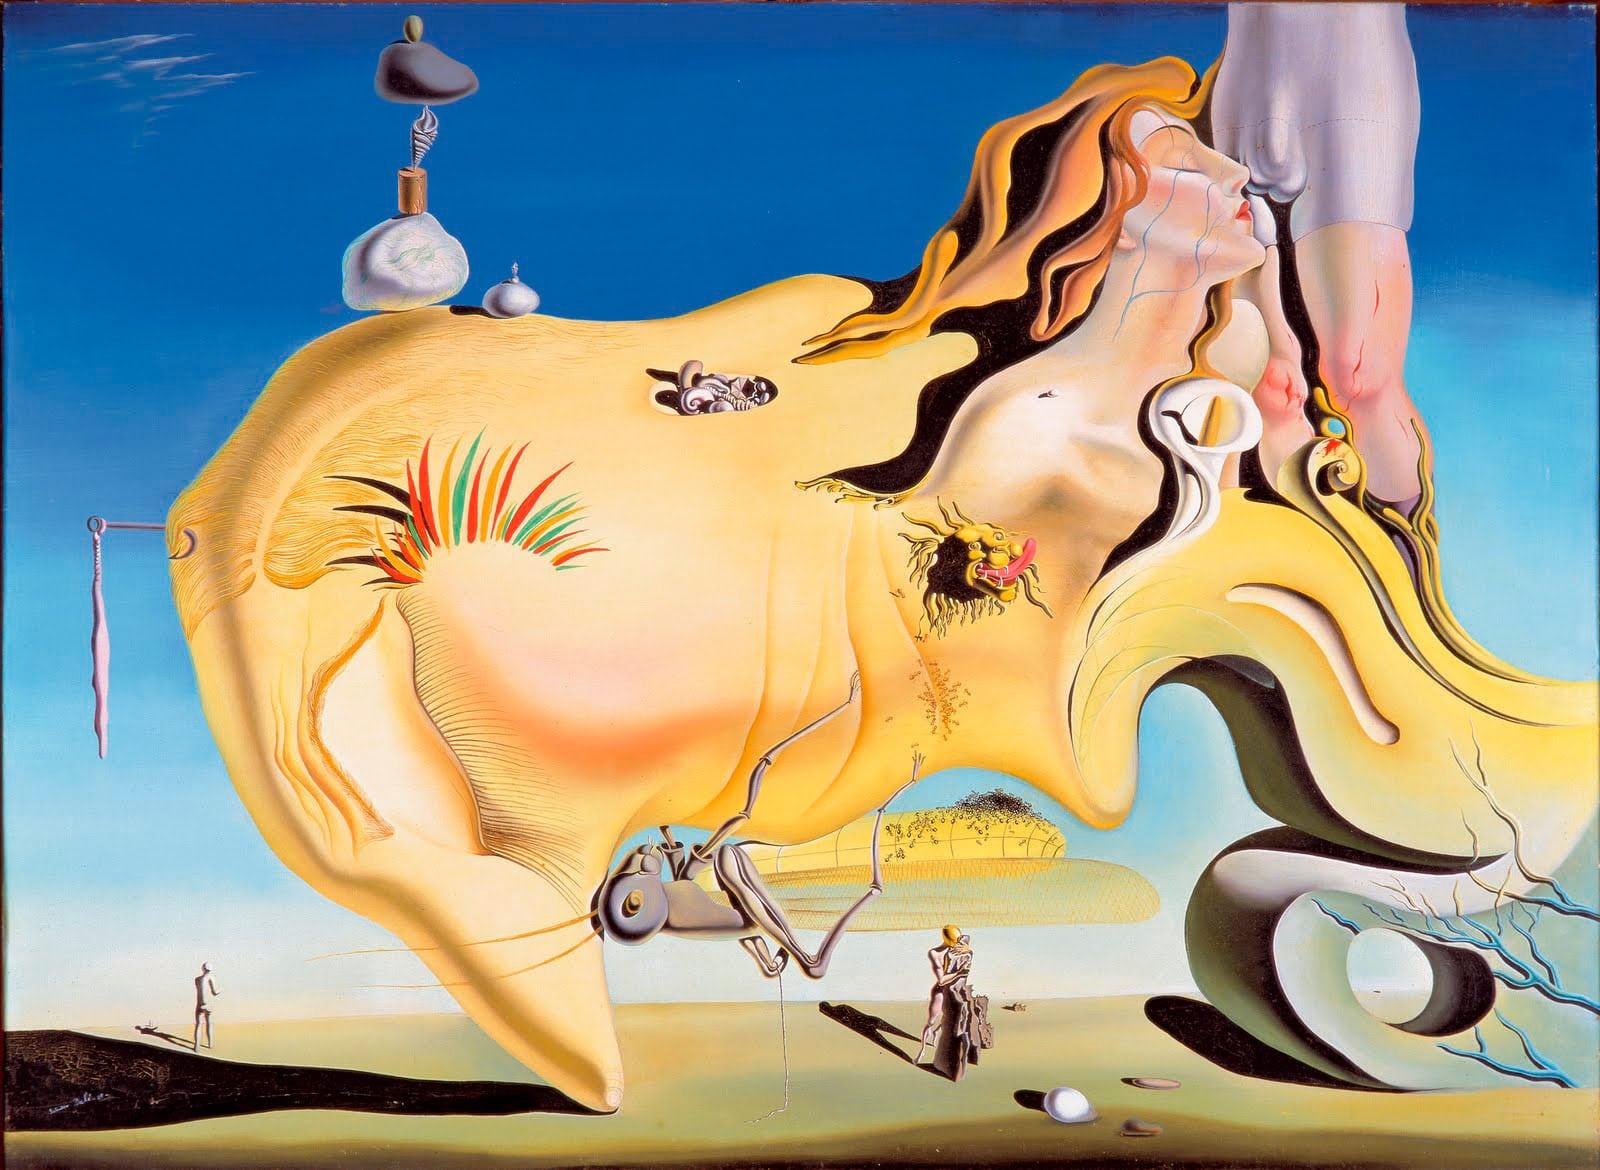 El gran mastrubador - Obra de Slavador Dalí